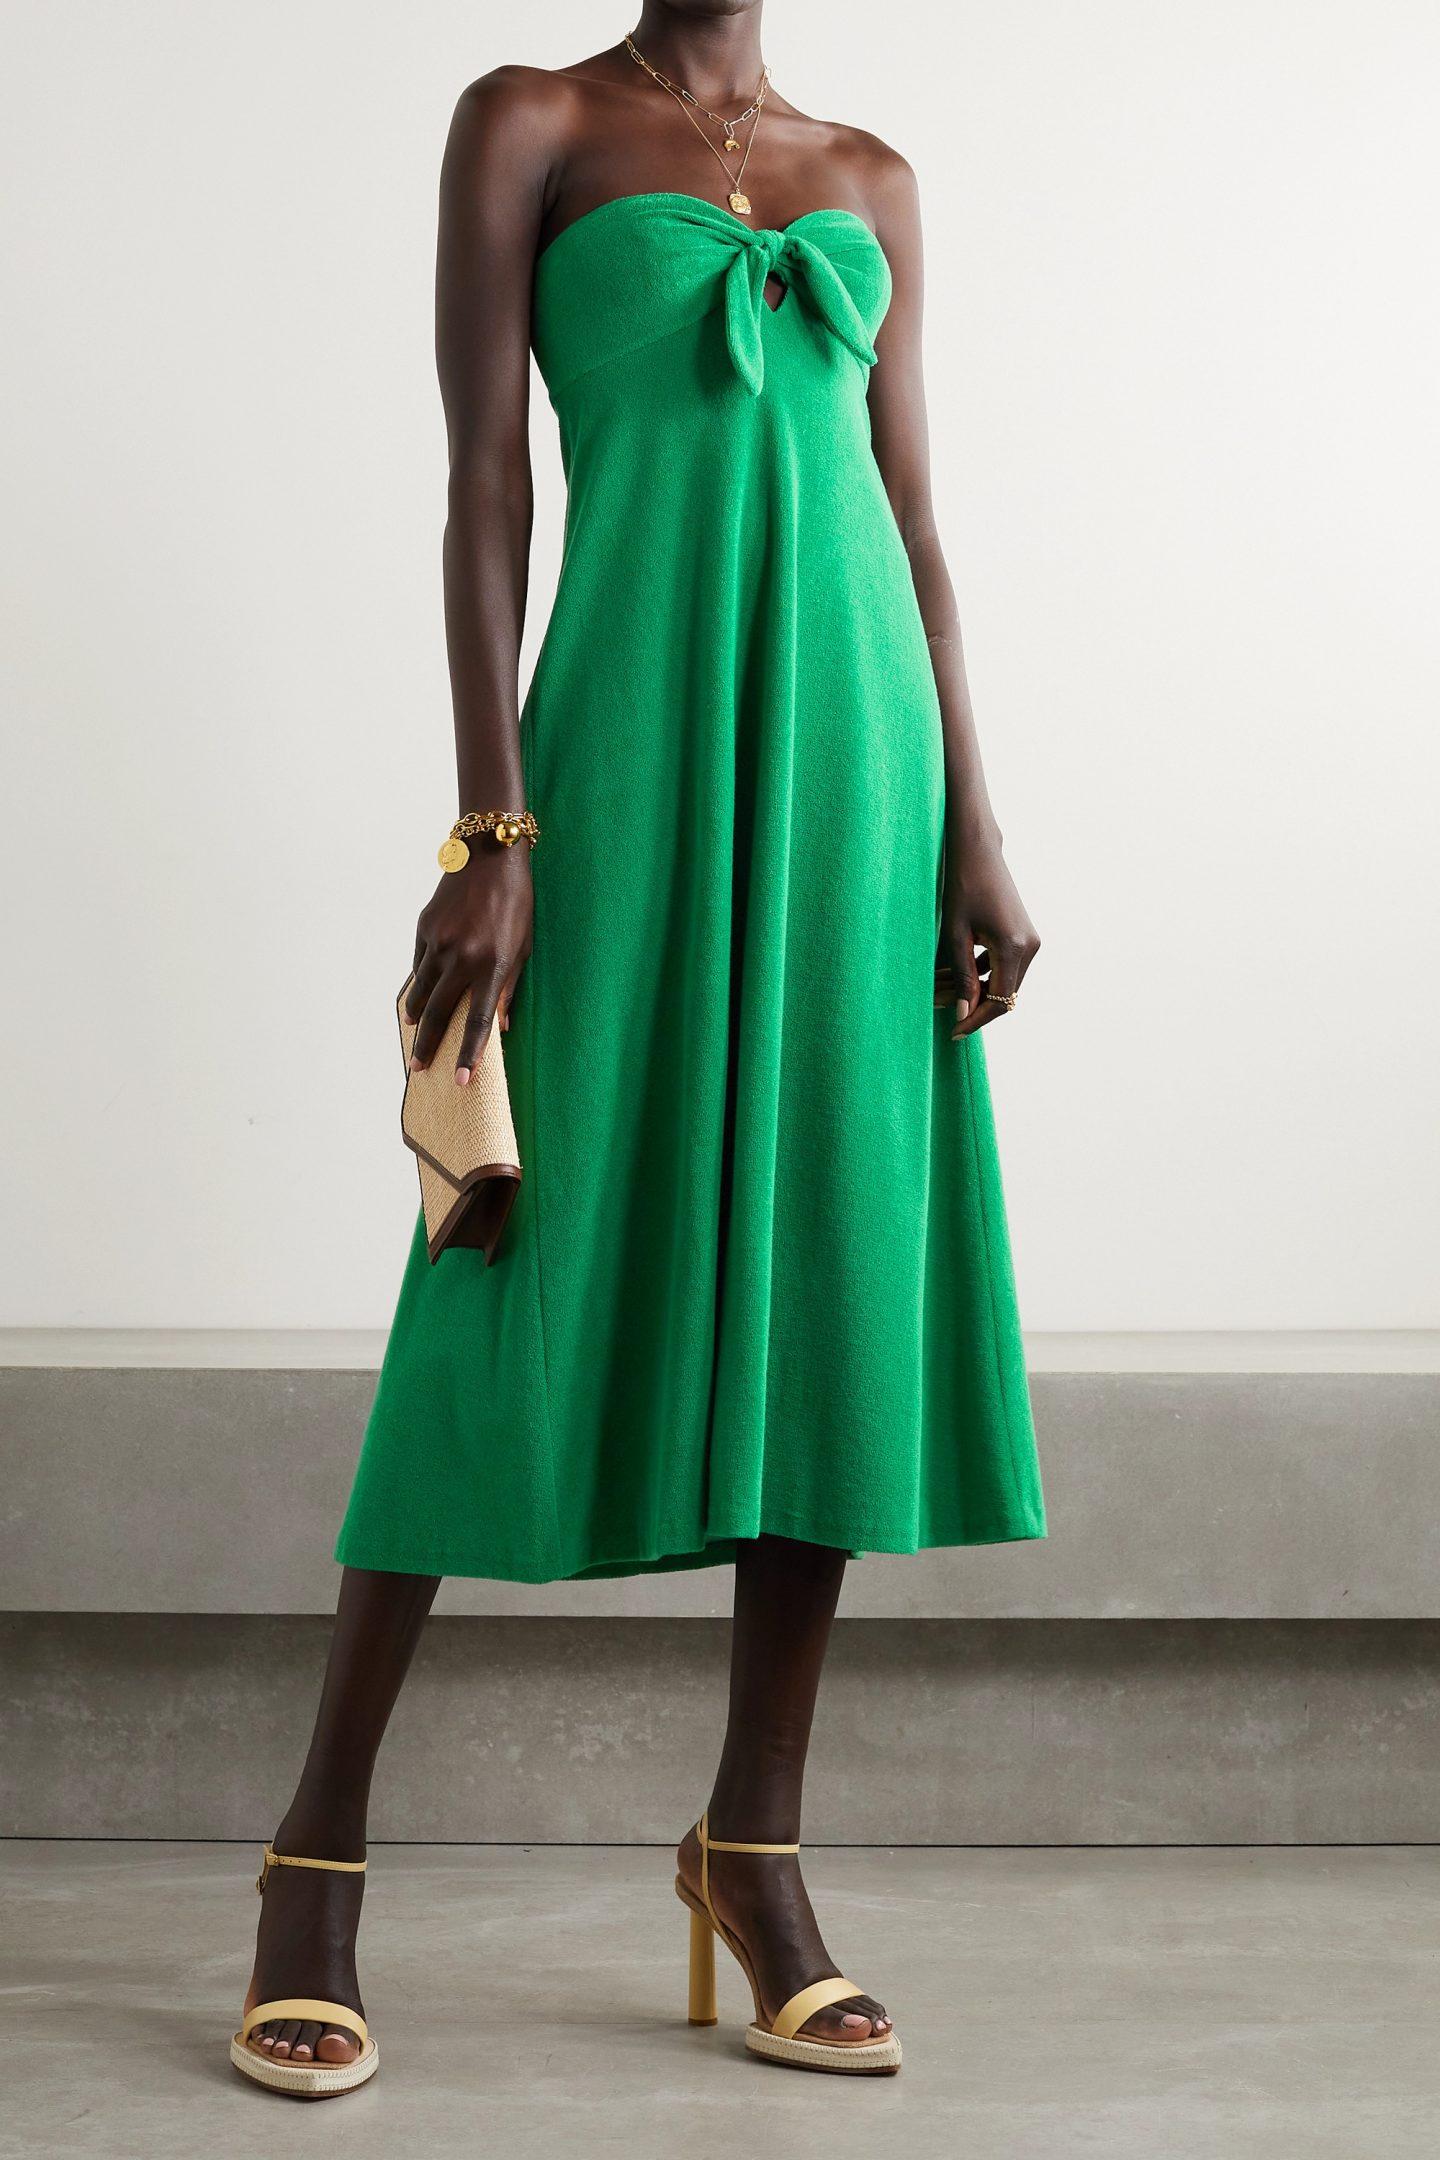 Bright green midi dress